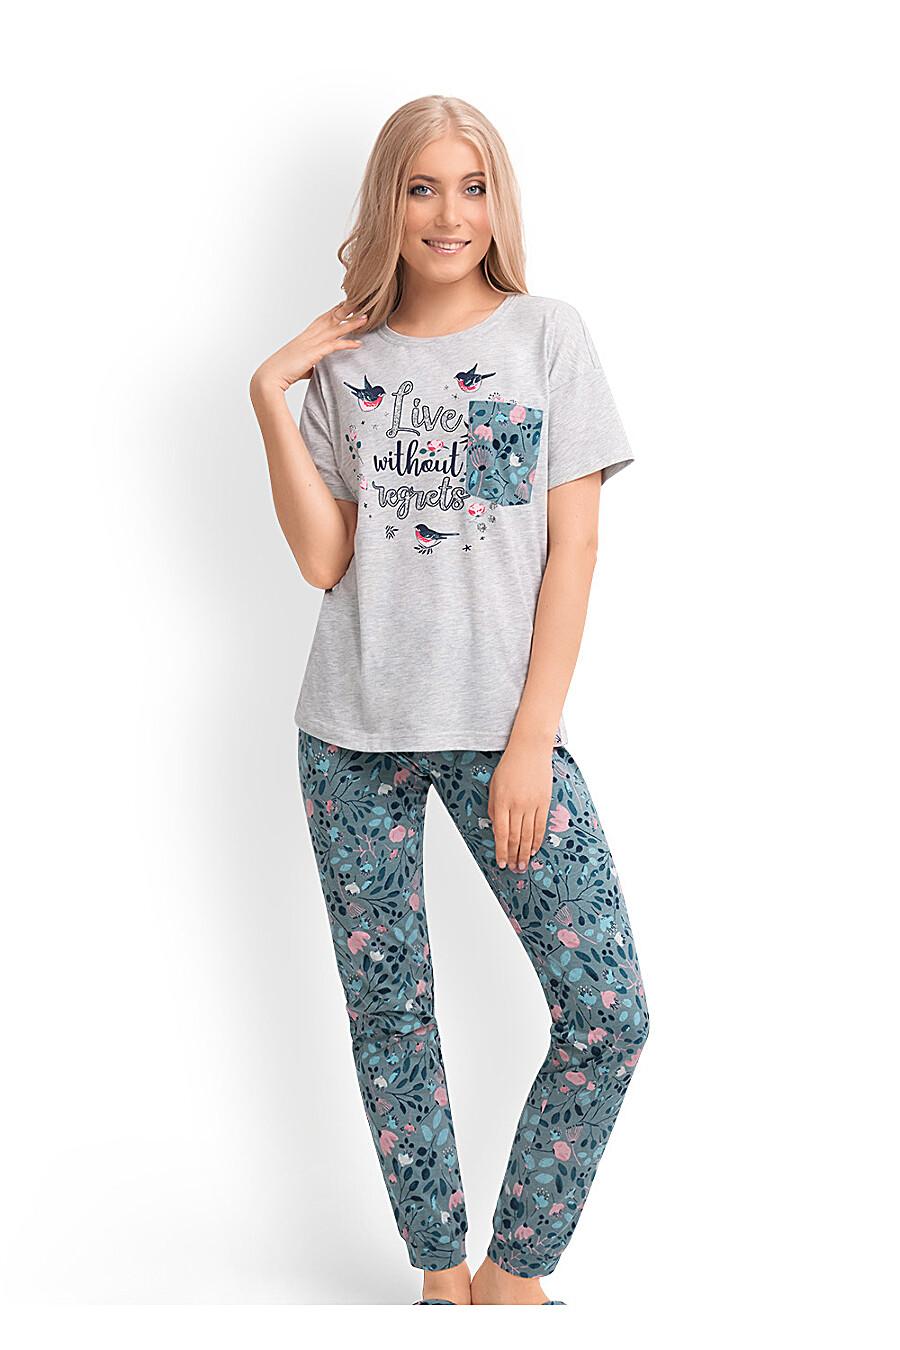 Комплект (футболка+брюки) для женщин CLEVER 169236 купить оптом от производителя. Совместная покупка женской одежды в OptMoyo